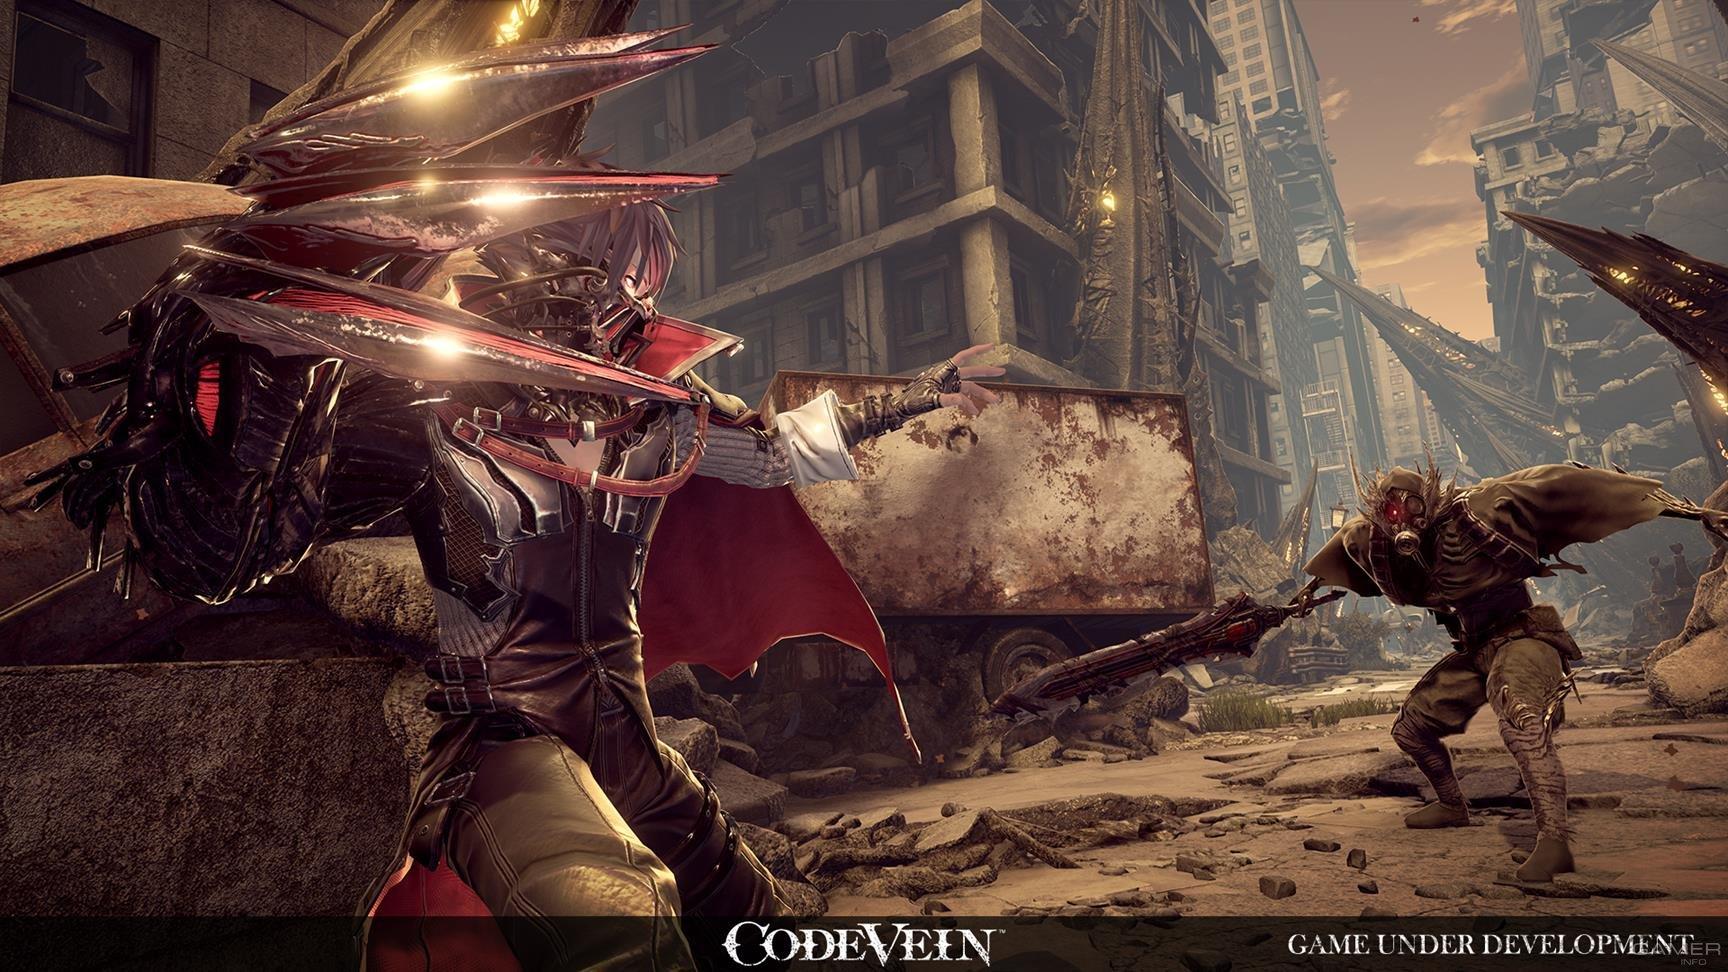 Состоялся официальный анонс нового проекта Bandai Namco — Code Vein